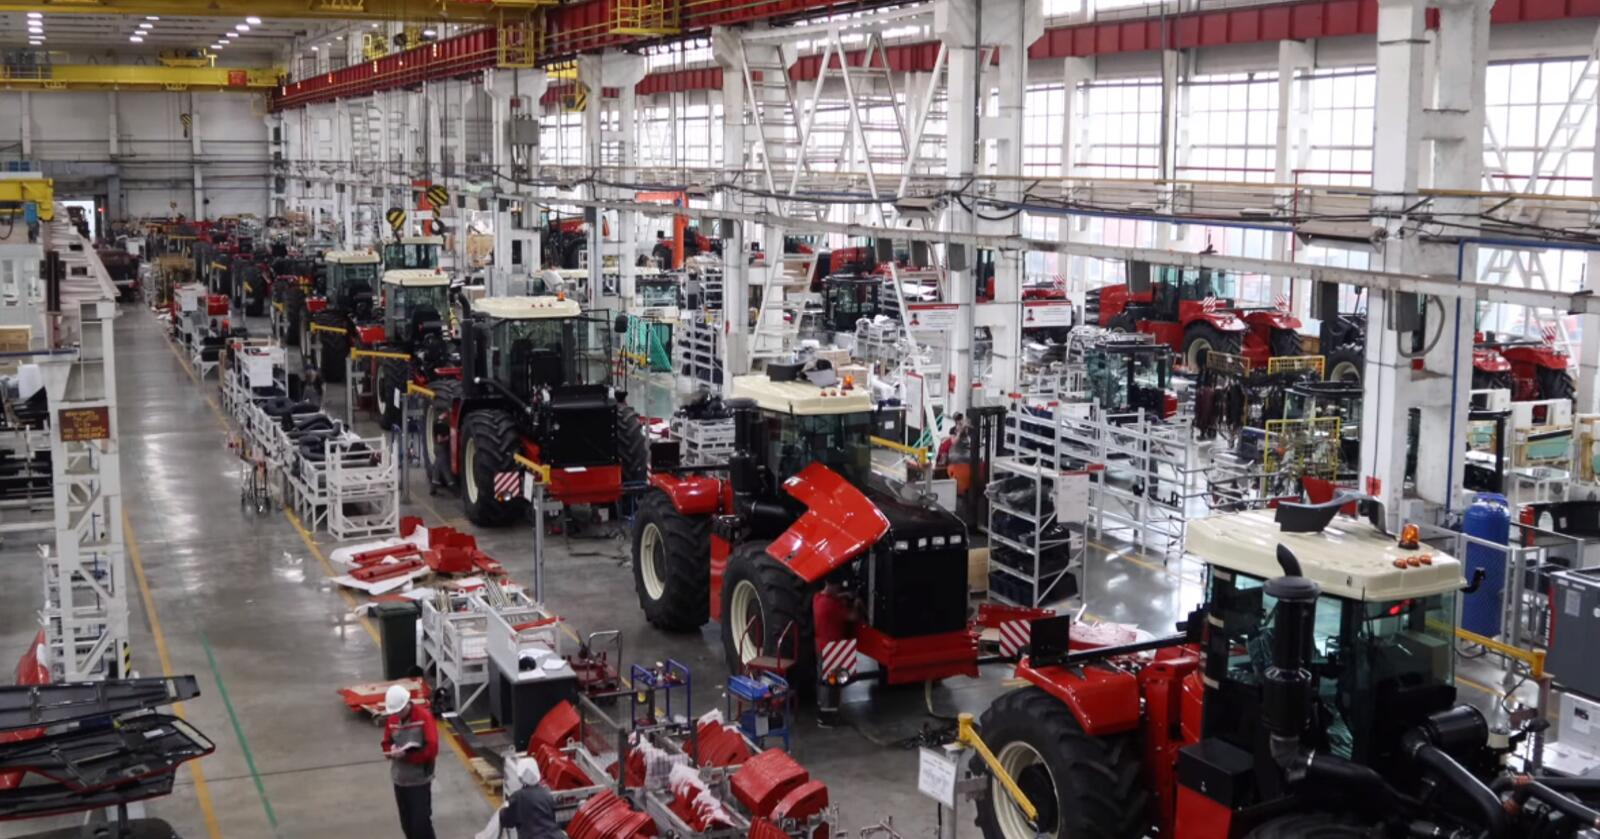 Rostselmash har inntil nå produsert monstertraktorer i størrelsesordnen 380-583 hestekrefter. Med ny fabrikk, og en serie modeller fra 170-250 hestekrefter, håper de på å bli en viktig eksportør av traktorer til det sentrale Europa. (Foto: produsenten)